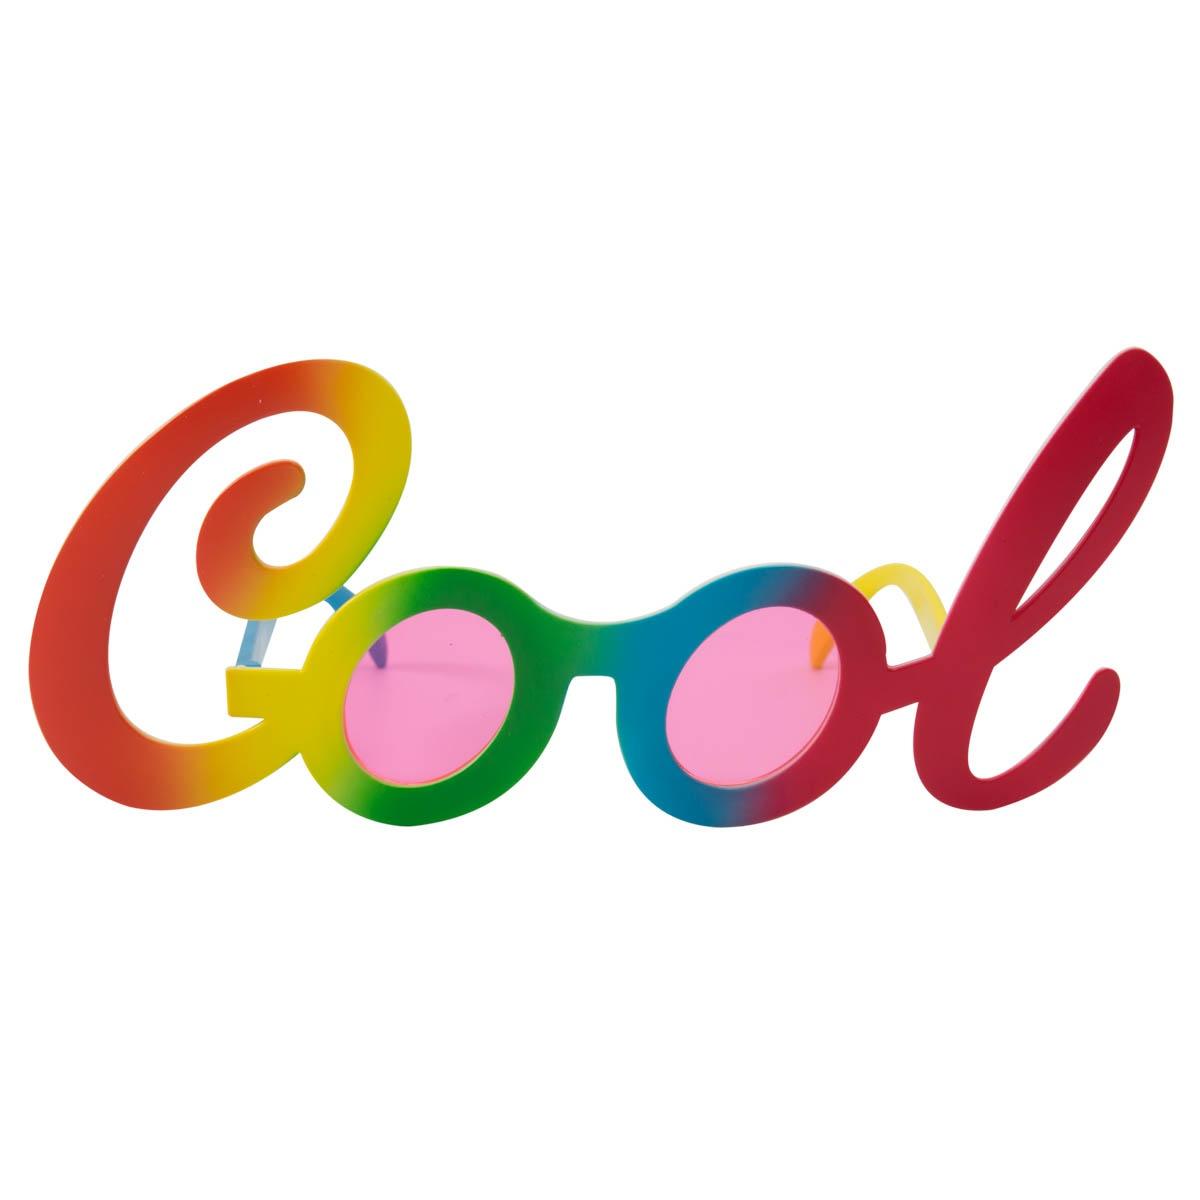 Brille Cool - ca 21cm breit